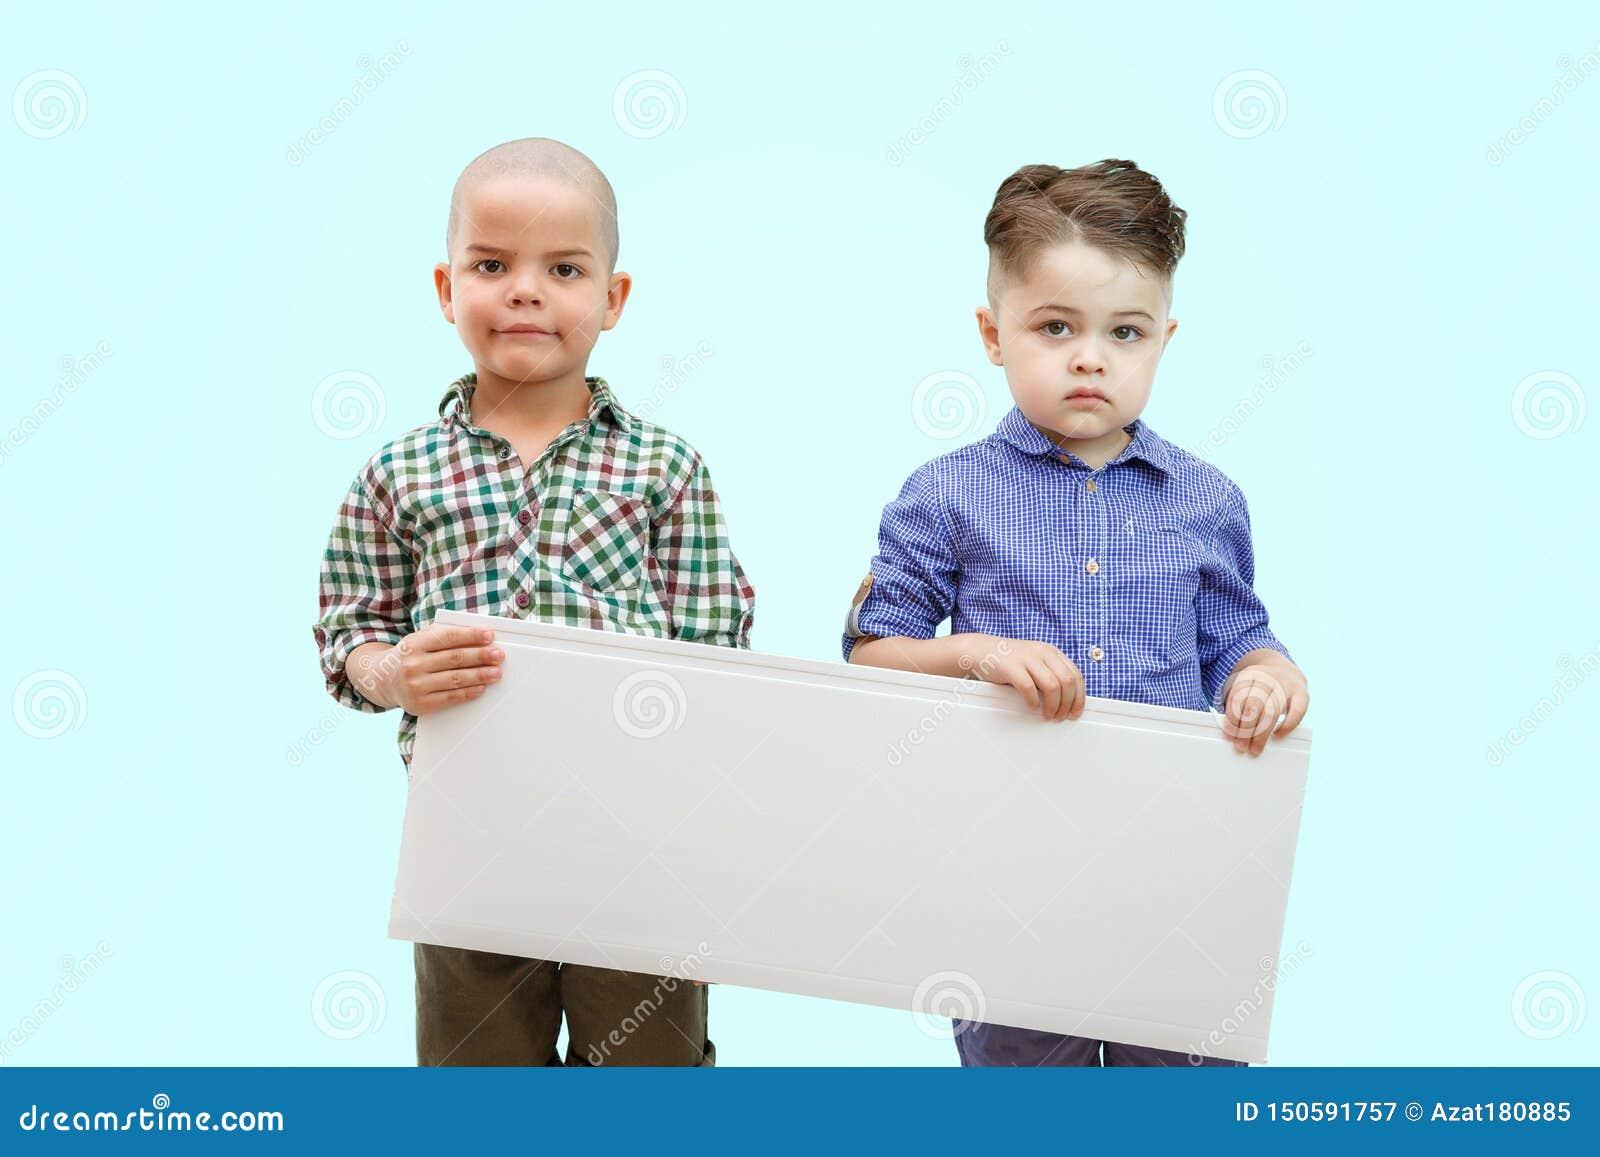 Porträt von zwei Jungen, die weißes Zeichen auf lokalisiertem Hintergrund halten